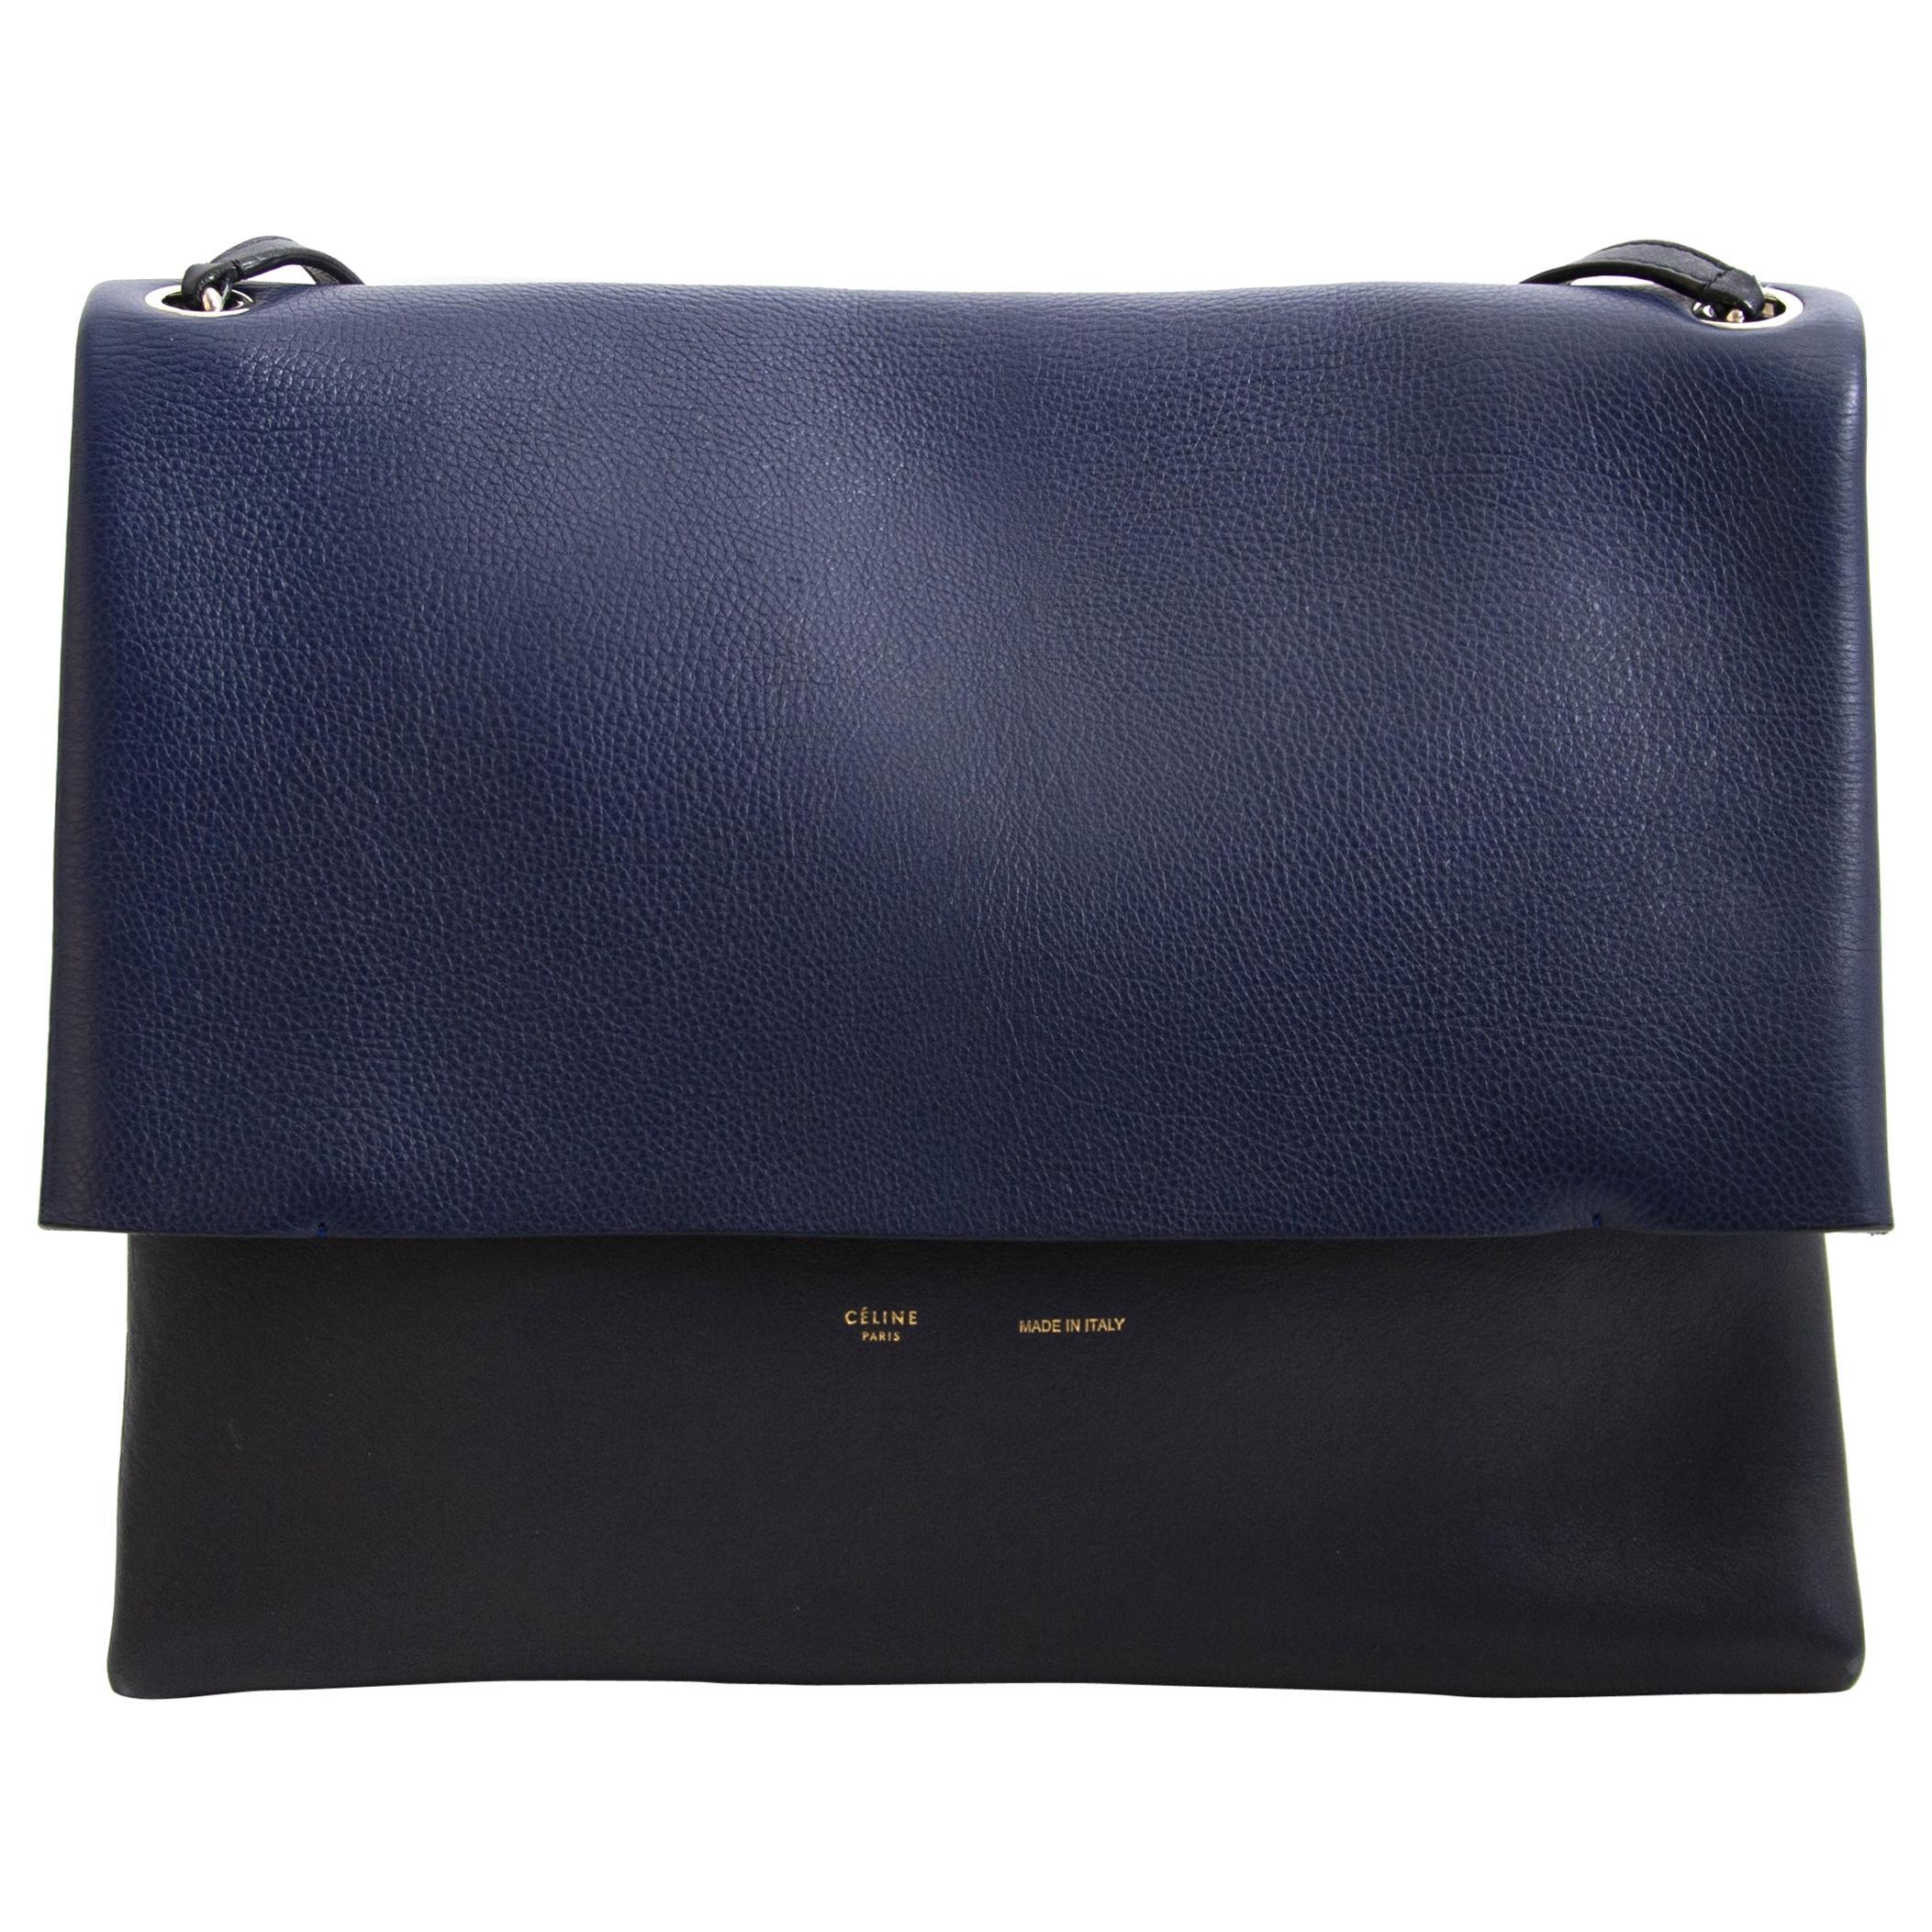 Celine Colorblocked Leather Shoulder Bag